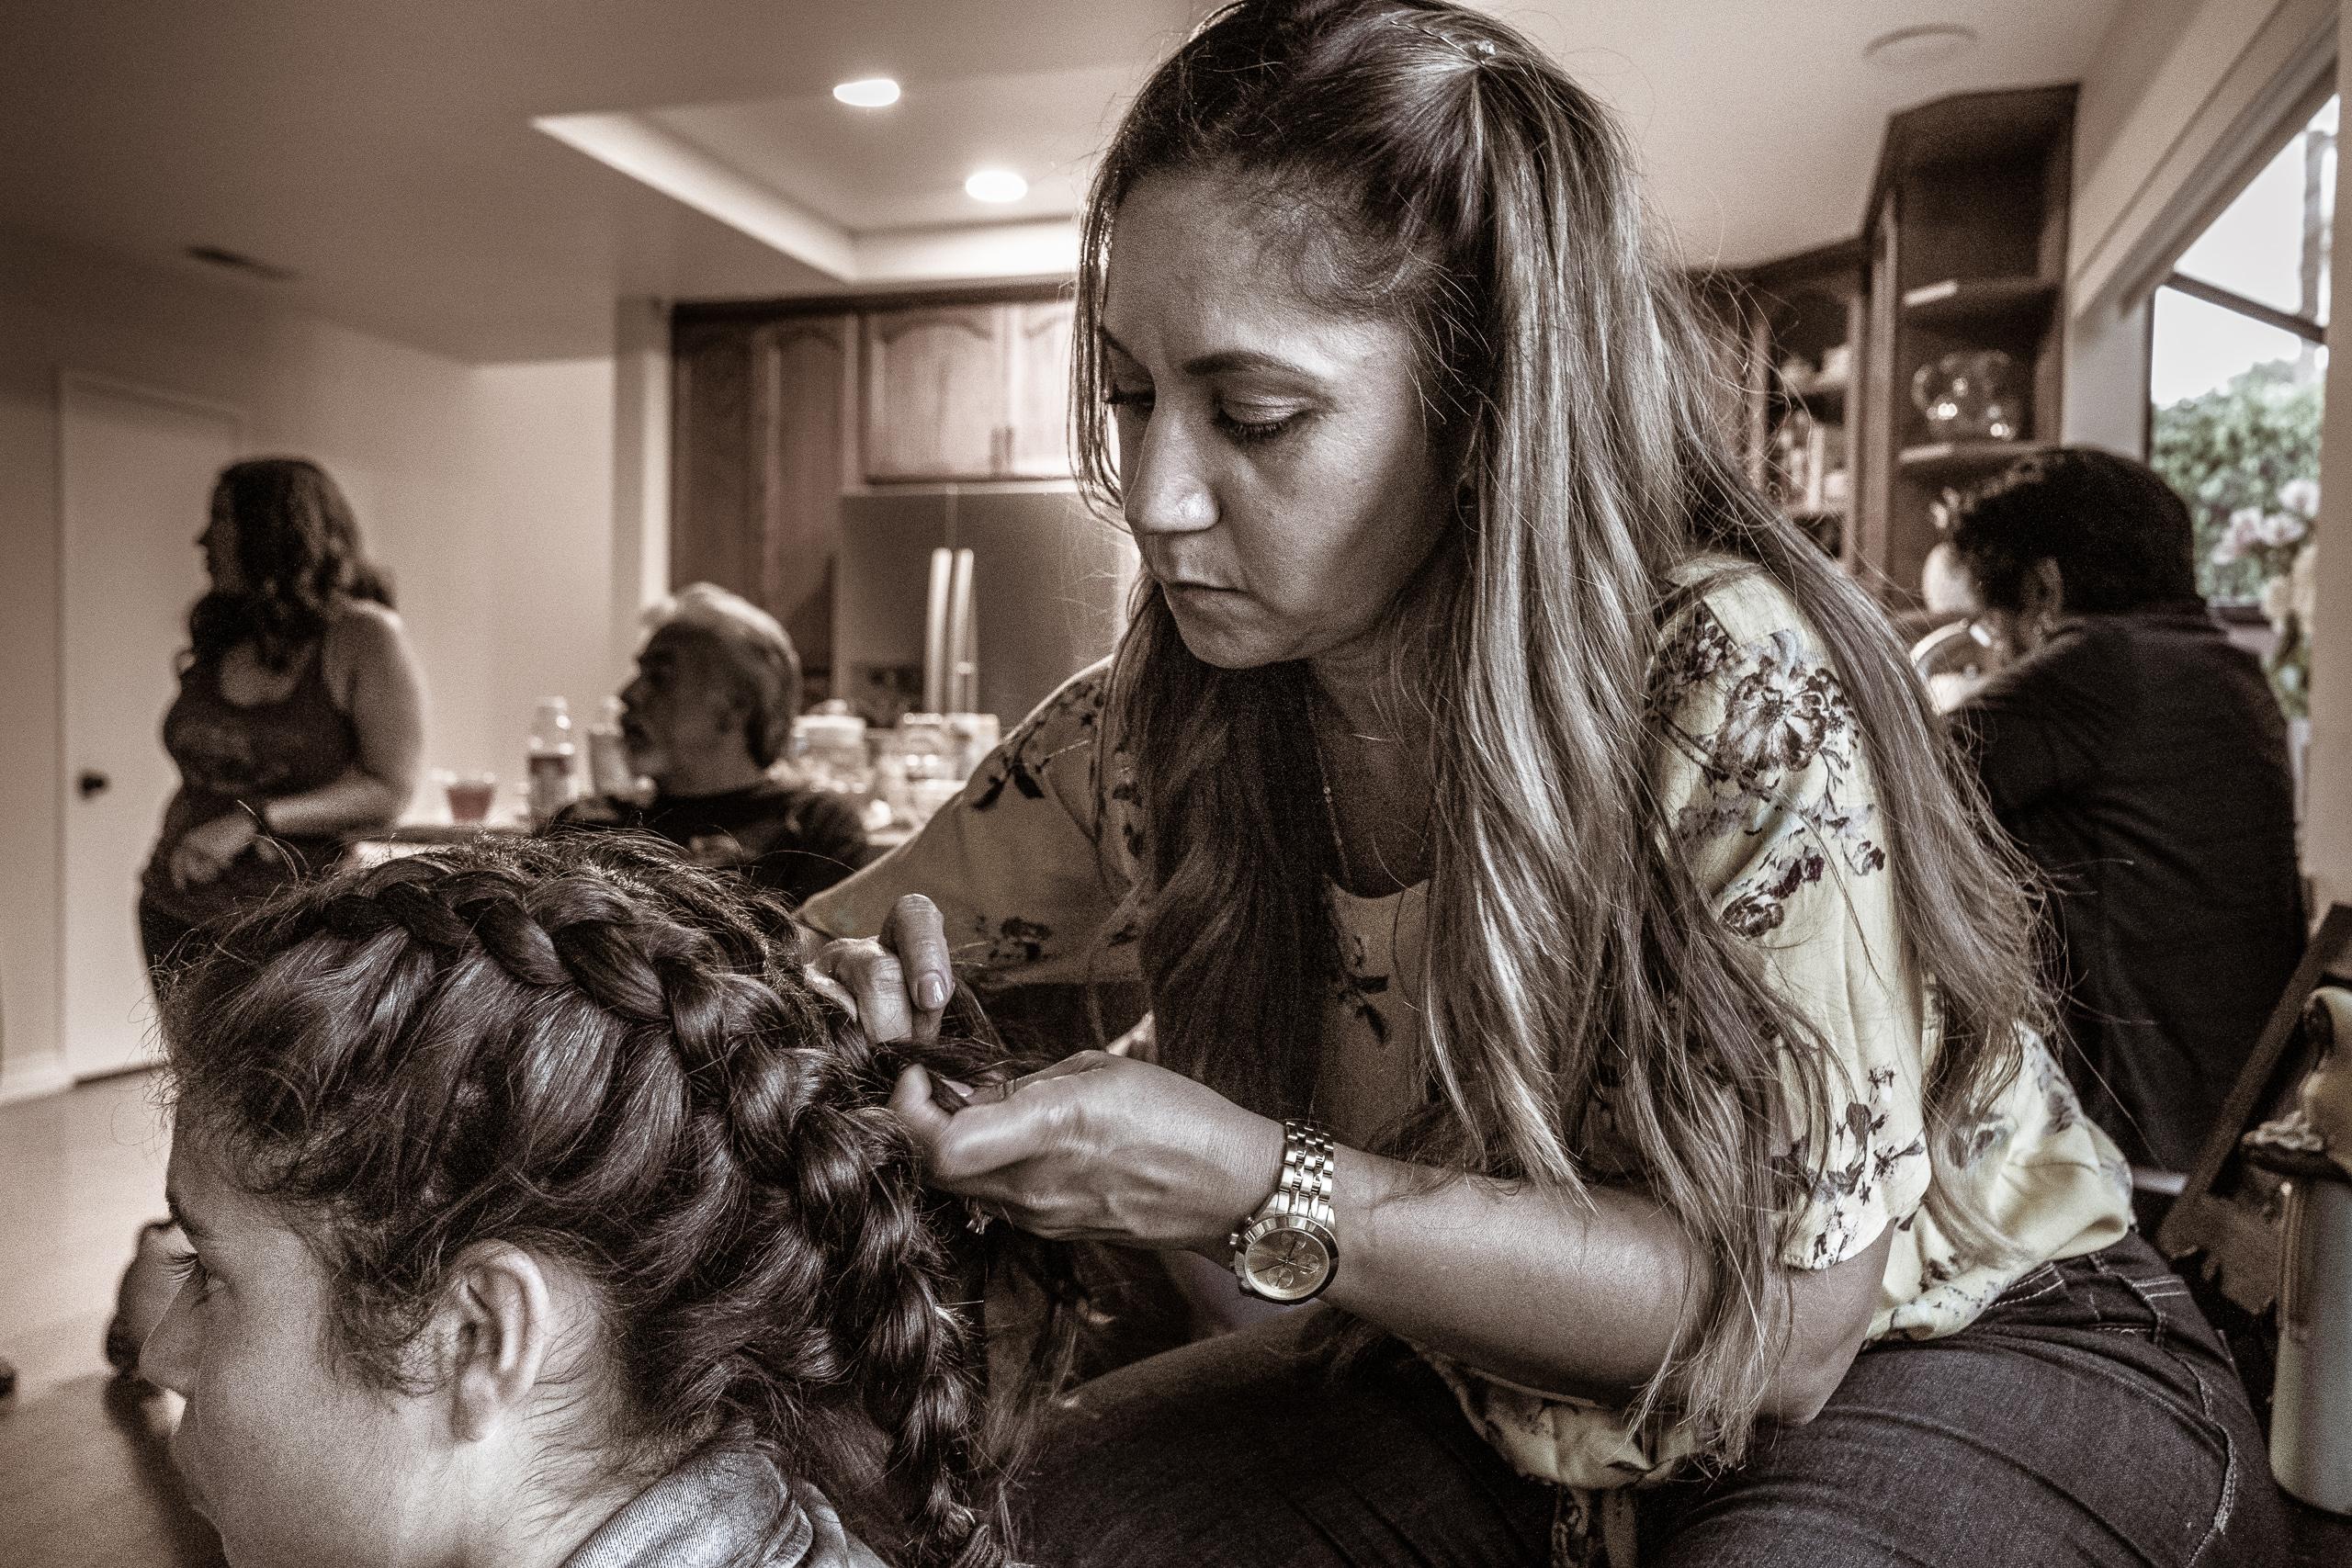 Andrea braiding Kirra's hair